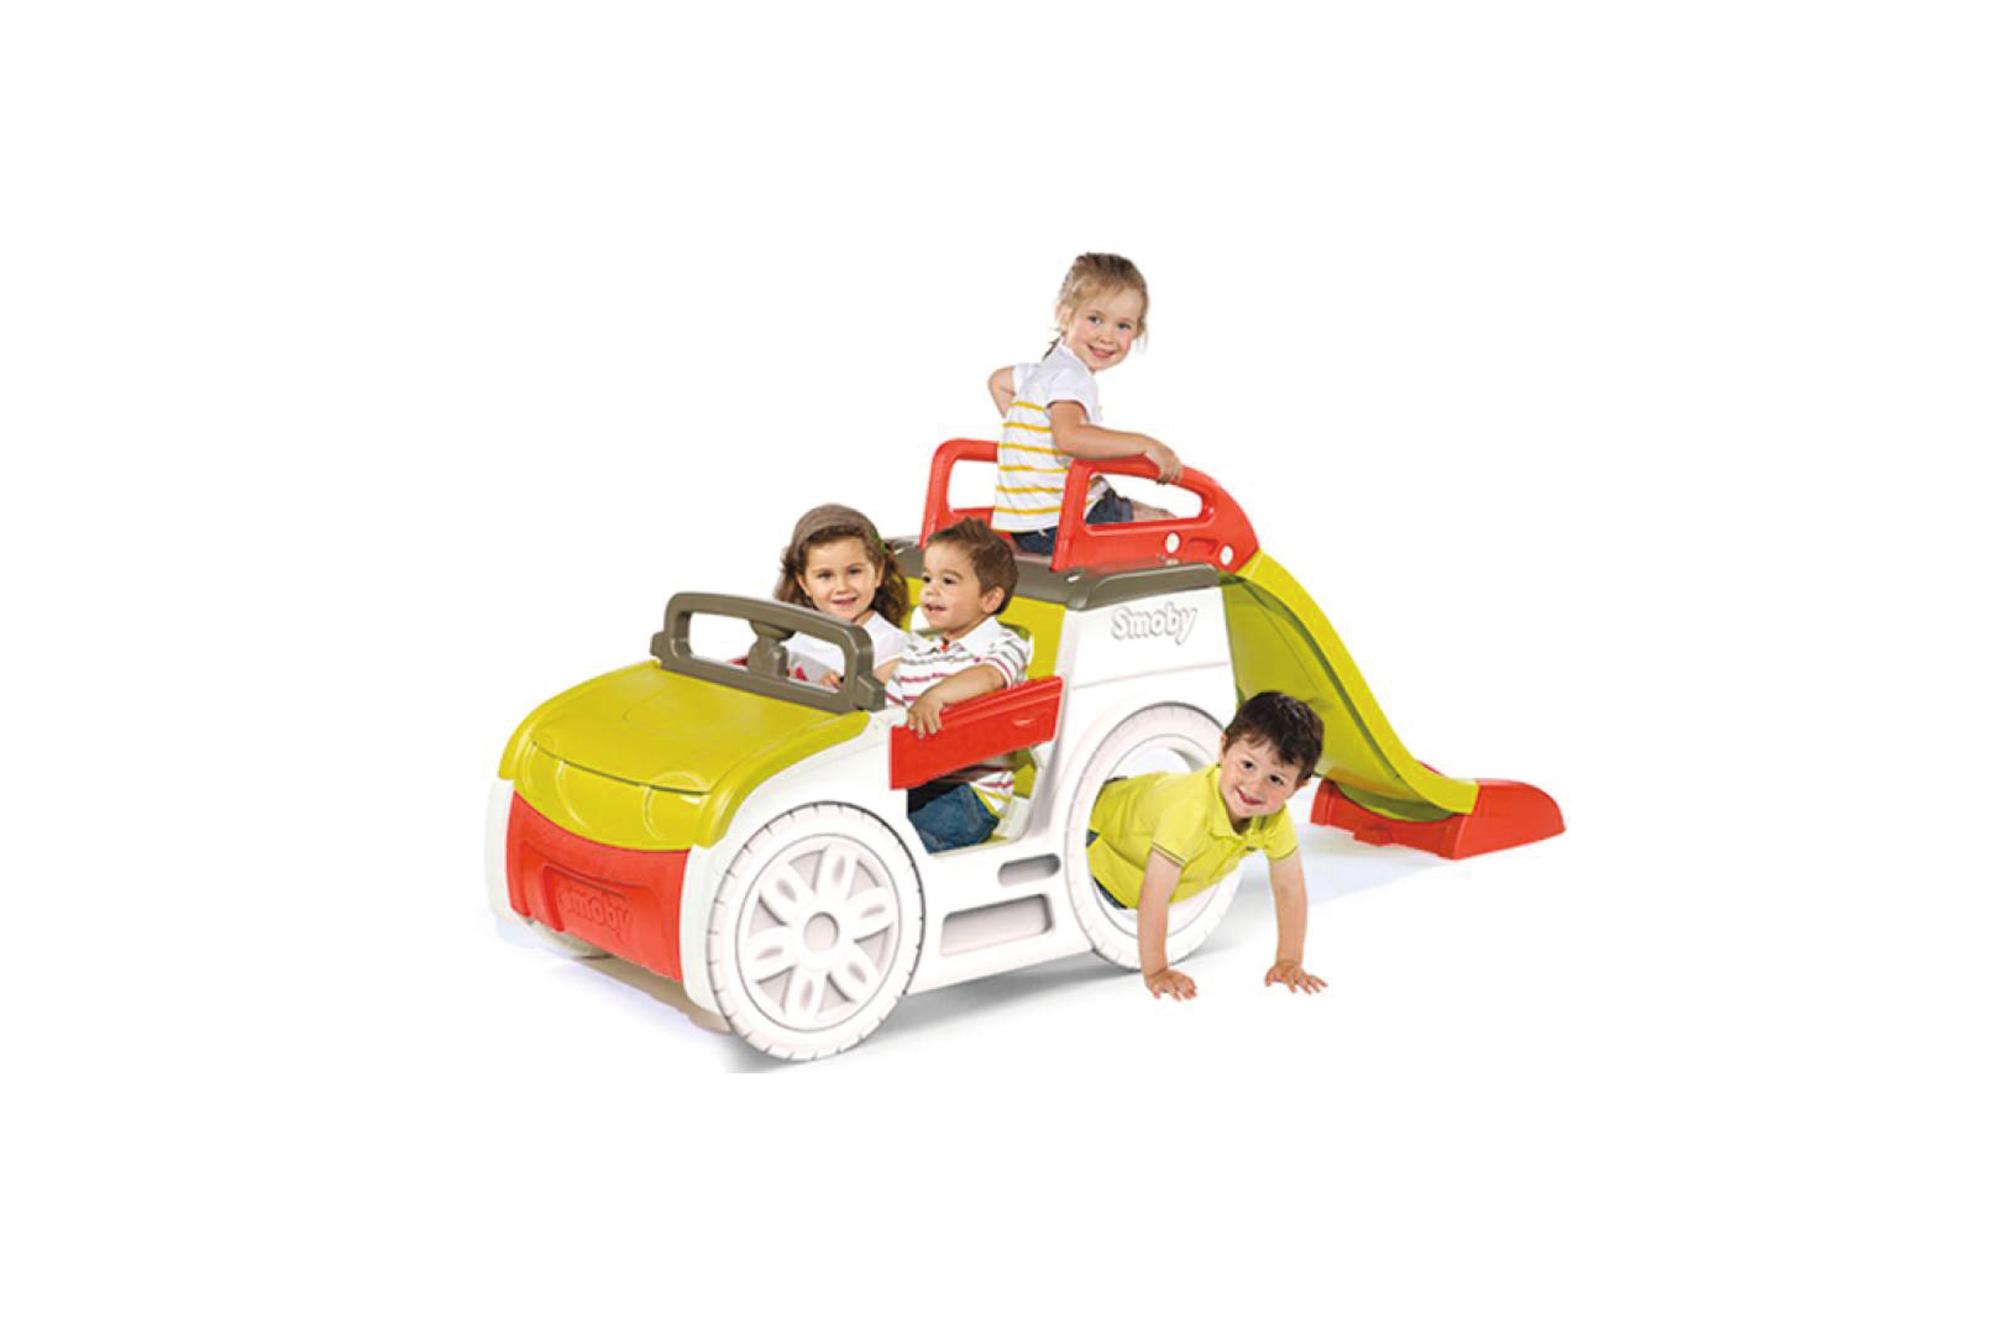 Smoby Abenteuer Spielauto - Sandkasten